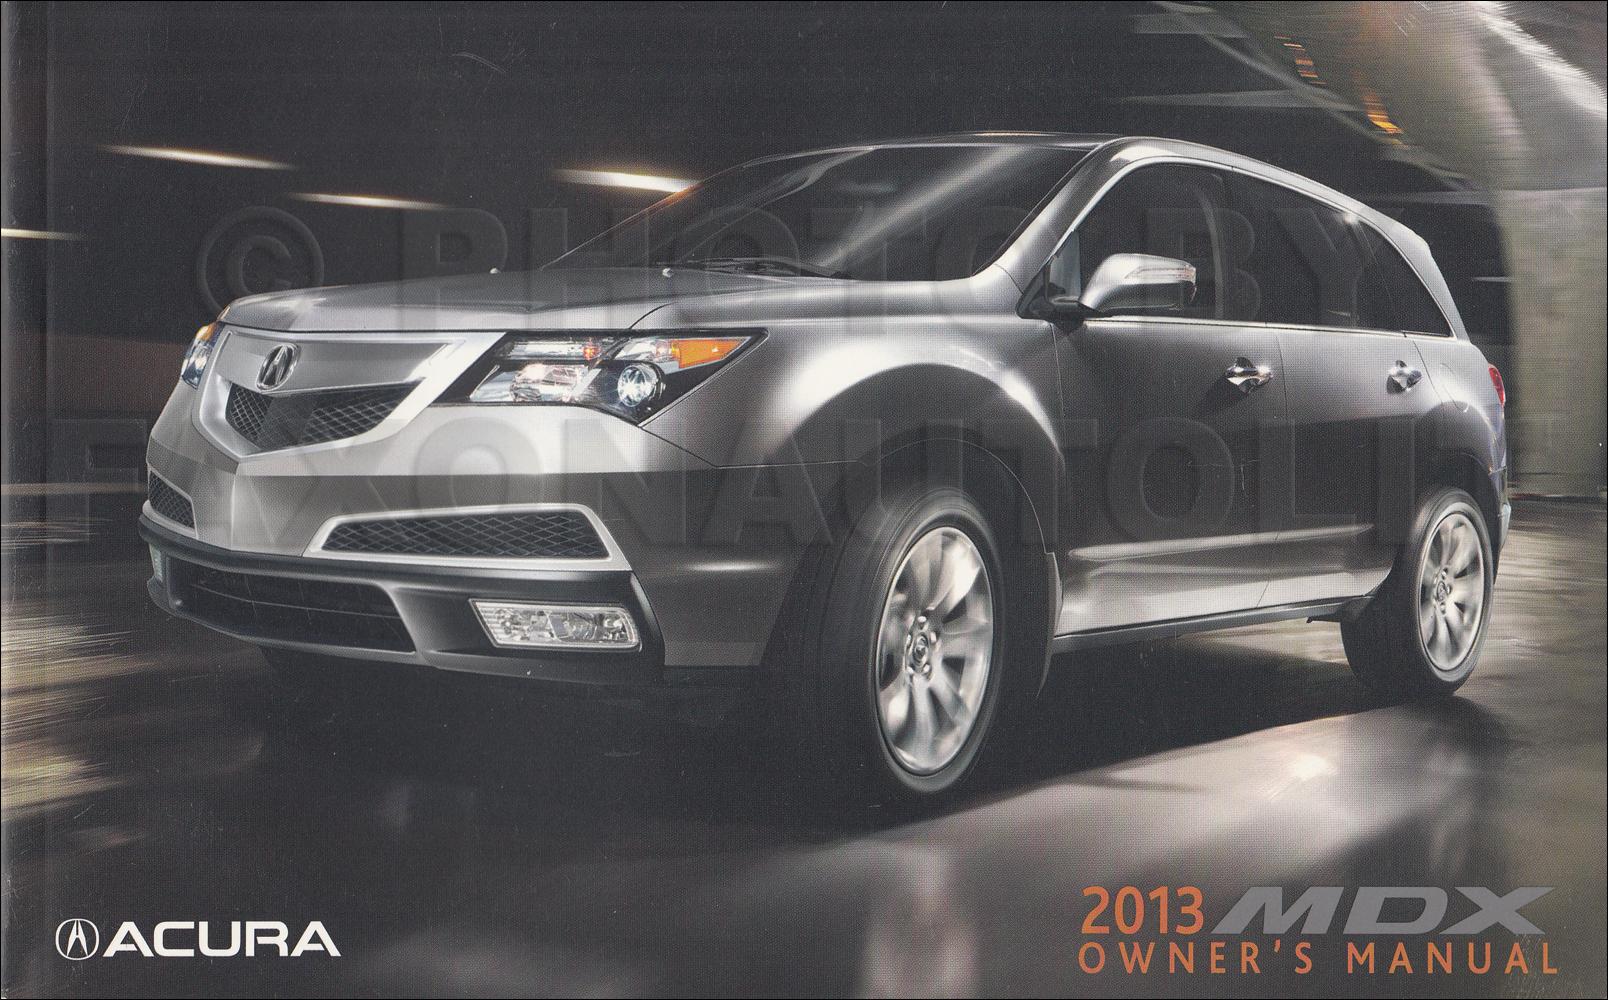 2013 Acura MDX Owner's Manual Original